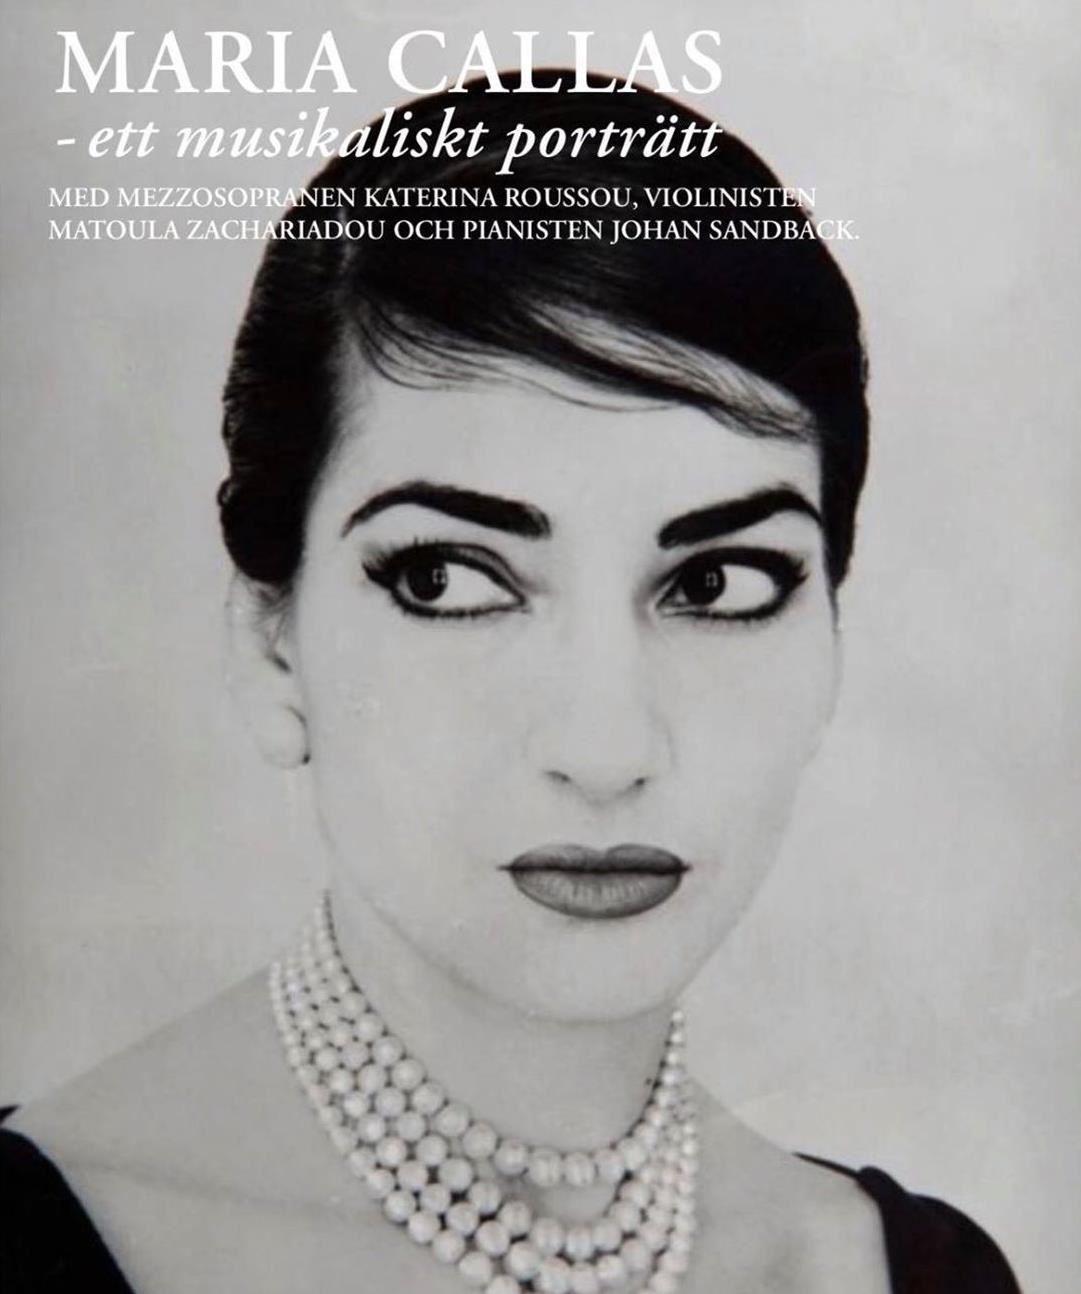 Hyllningskonsert till Maria Callas